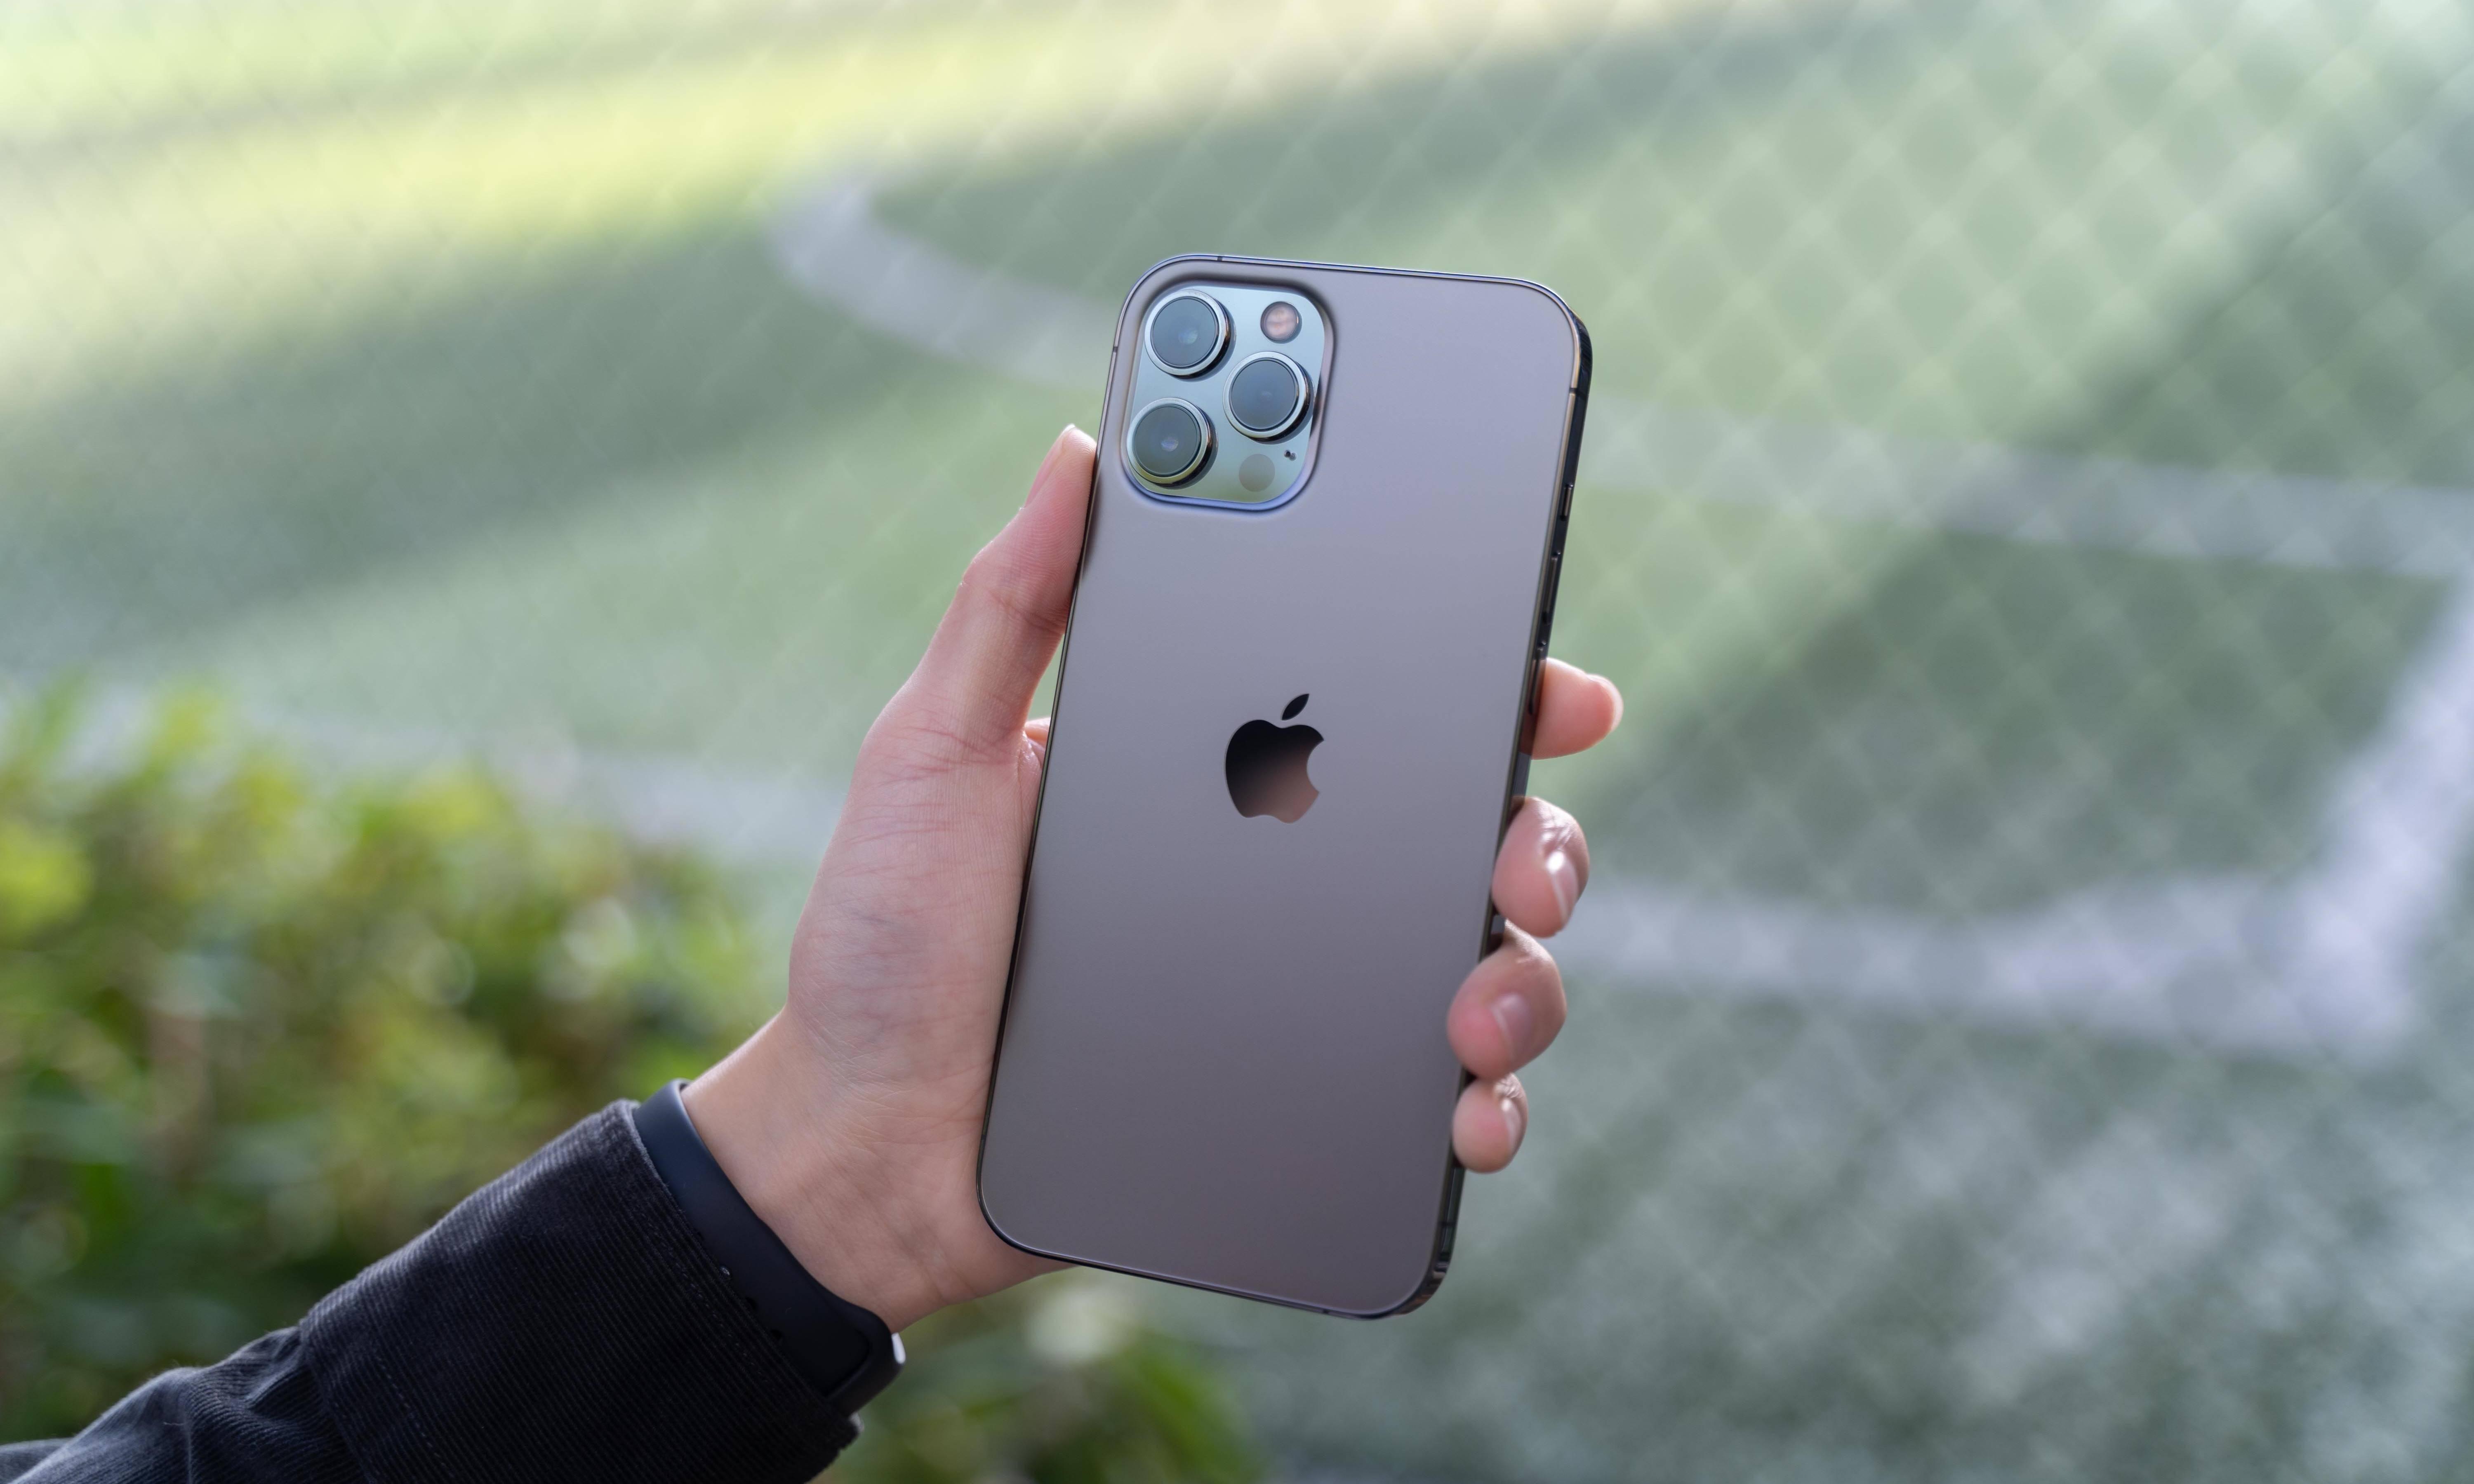 更期待iPhone_13了!iOS新功能曝光:再也不怕丢手机了?